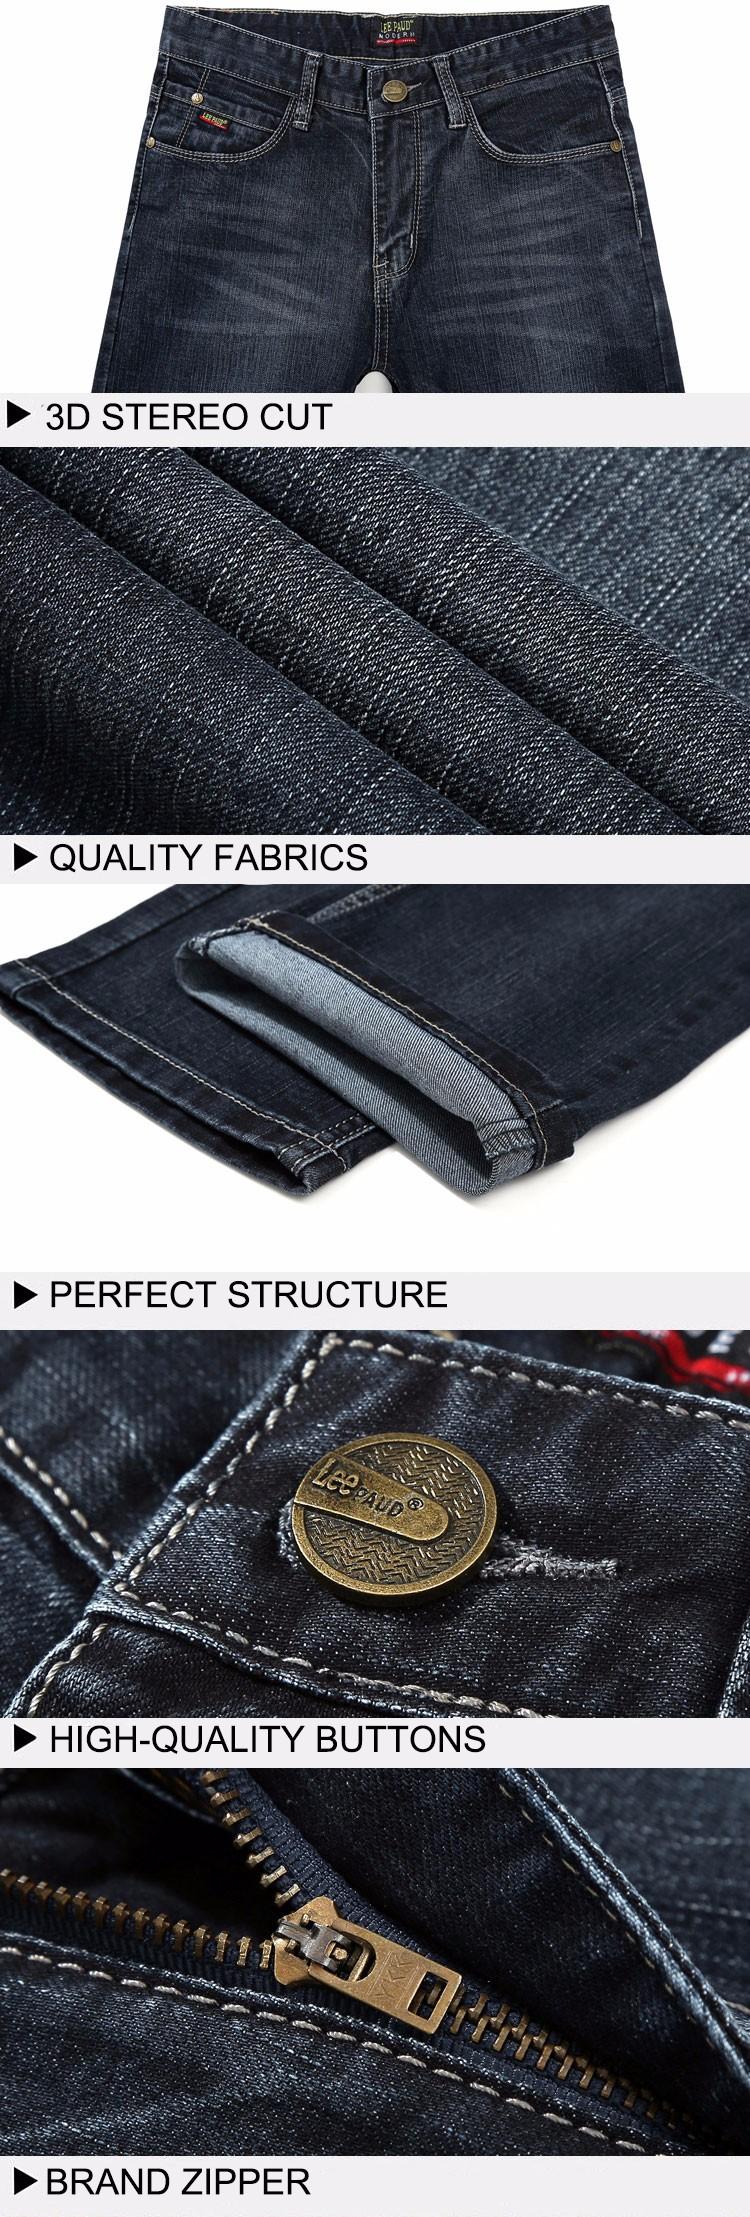 Скидки на Ретро стиль мужчин джинсы высокого качества джинсовые темные прямые прямые высокой талией мужские джинсы размер